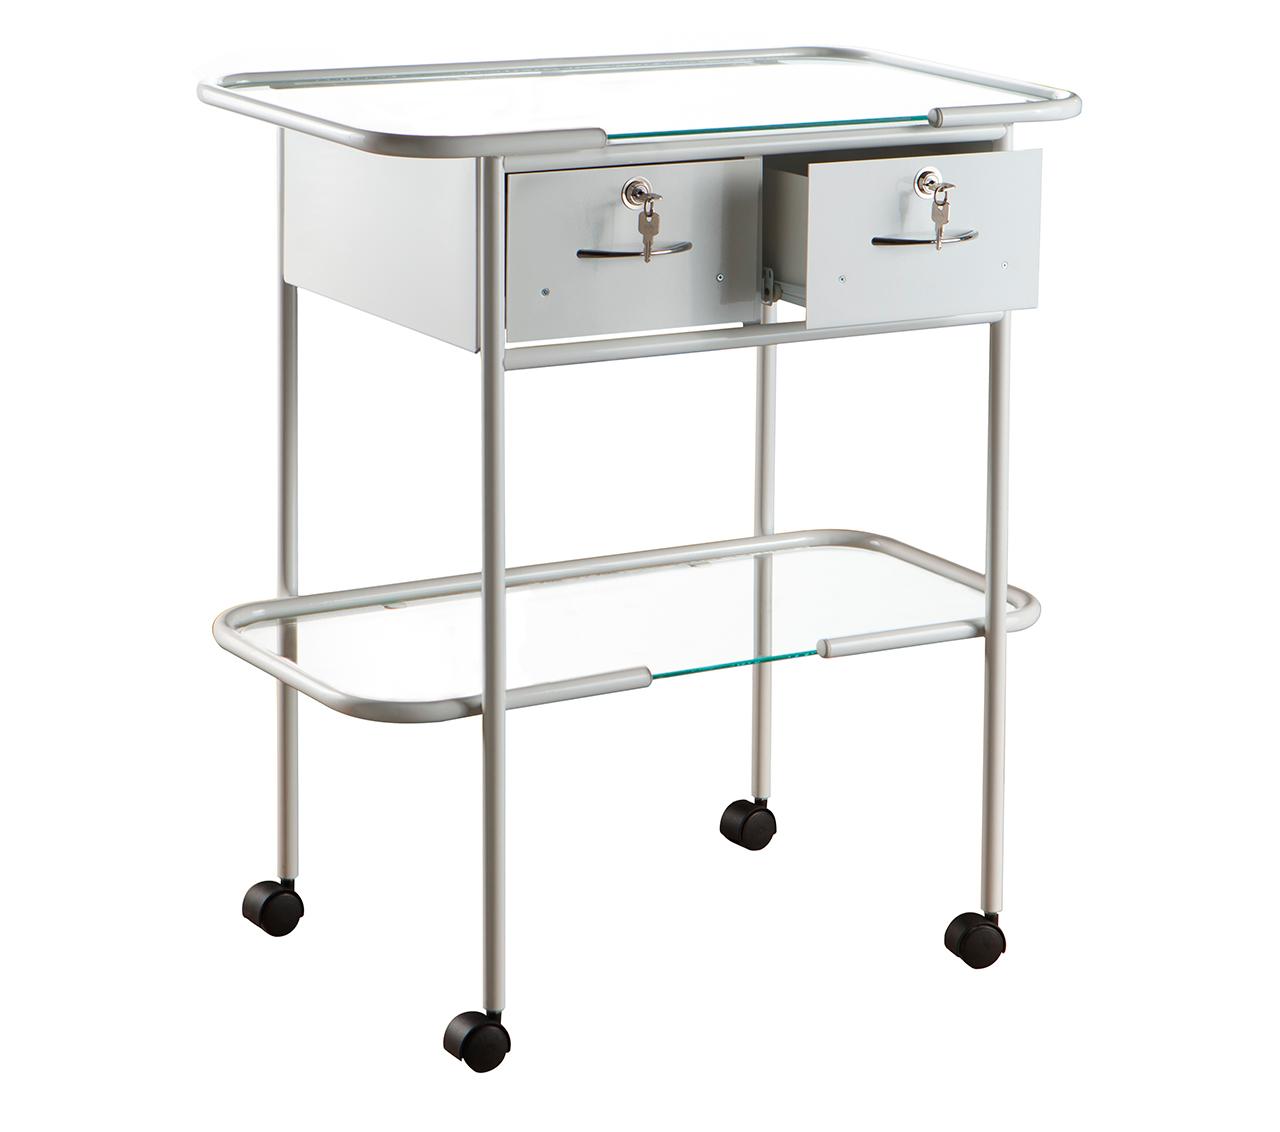 Столик процедурный с двумя ящиками с замками и стеклянной полкой